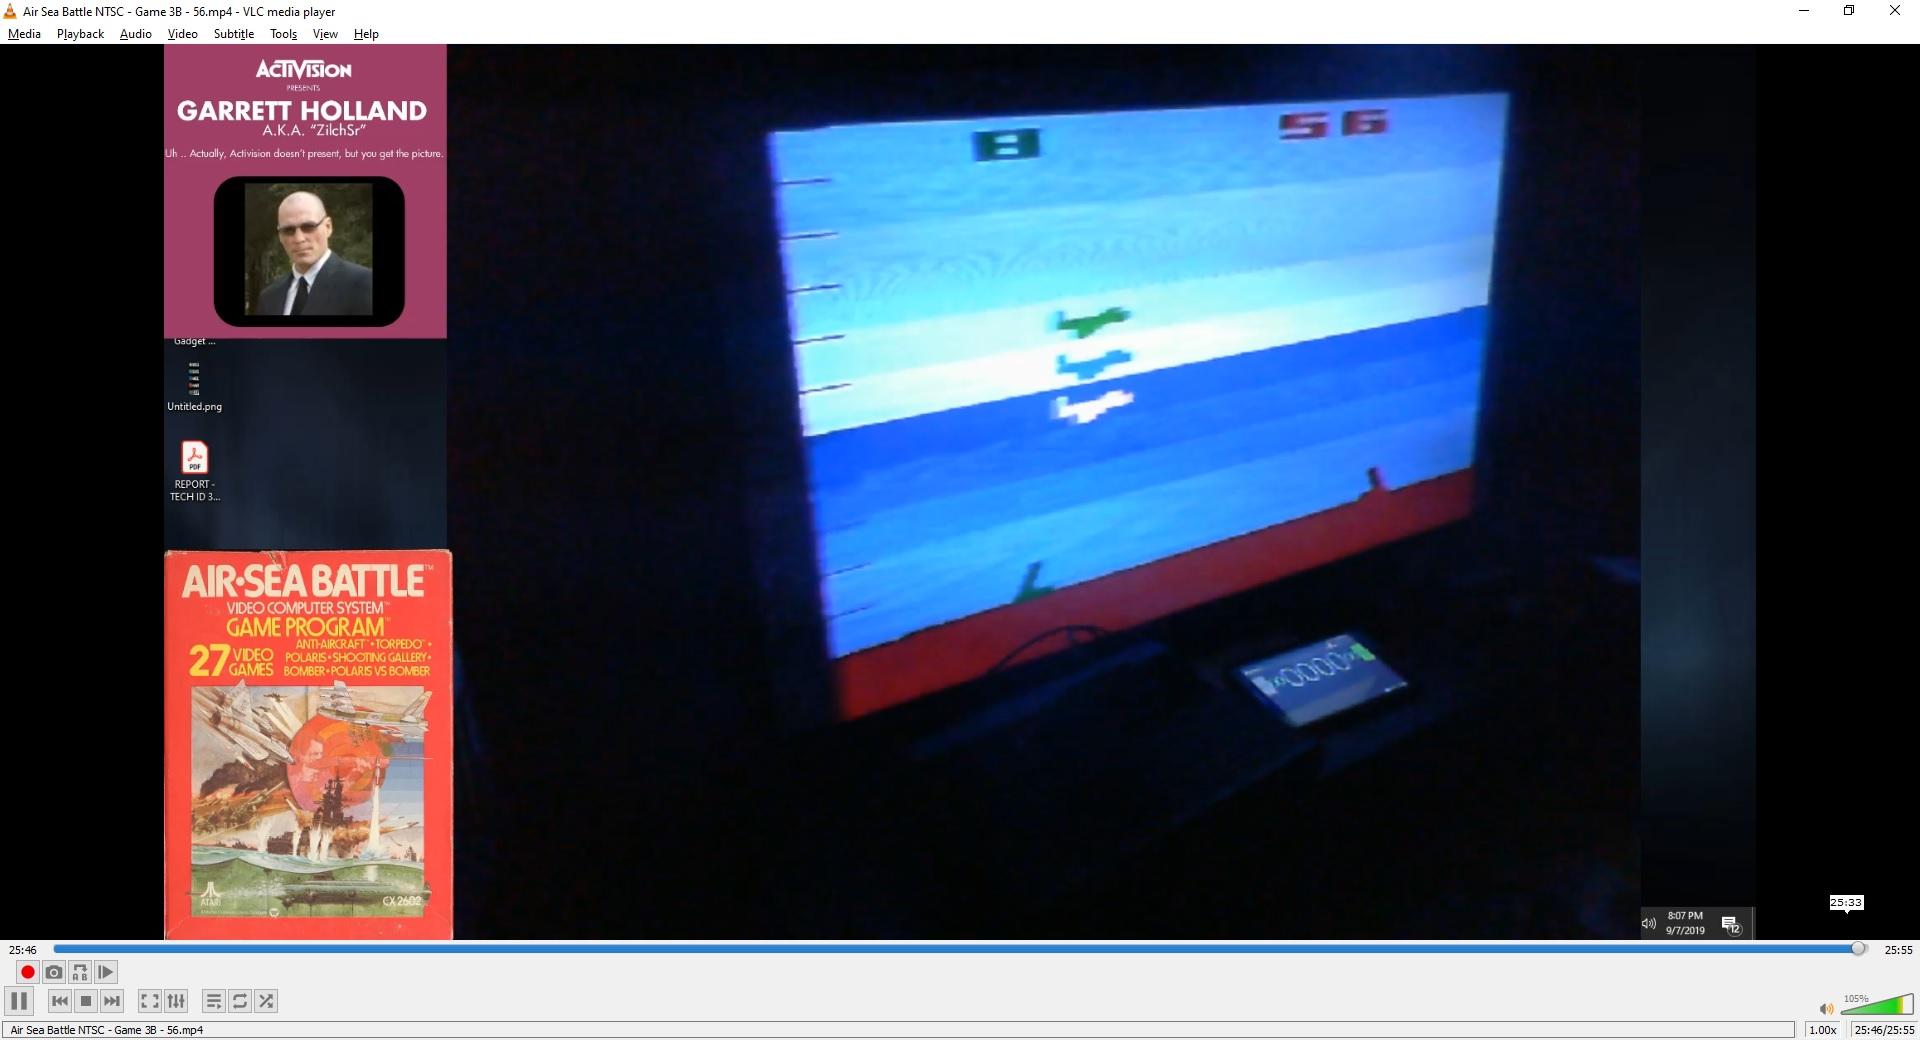 Air-Sea Battle: Game 3 56 points